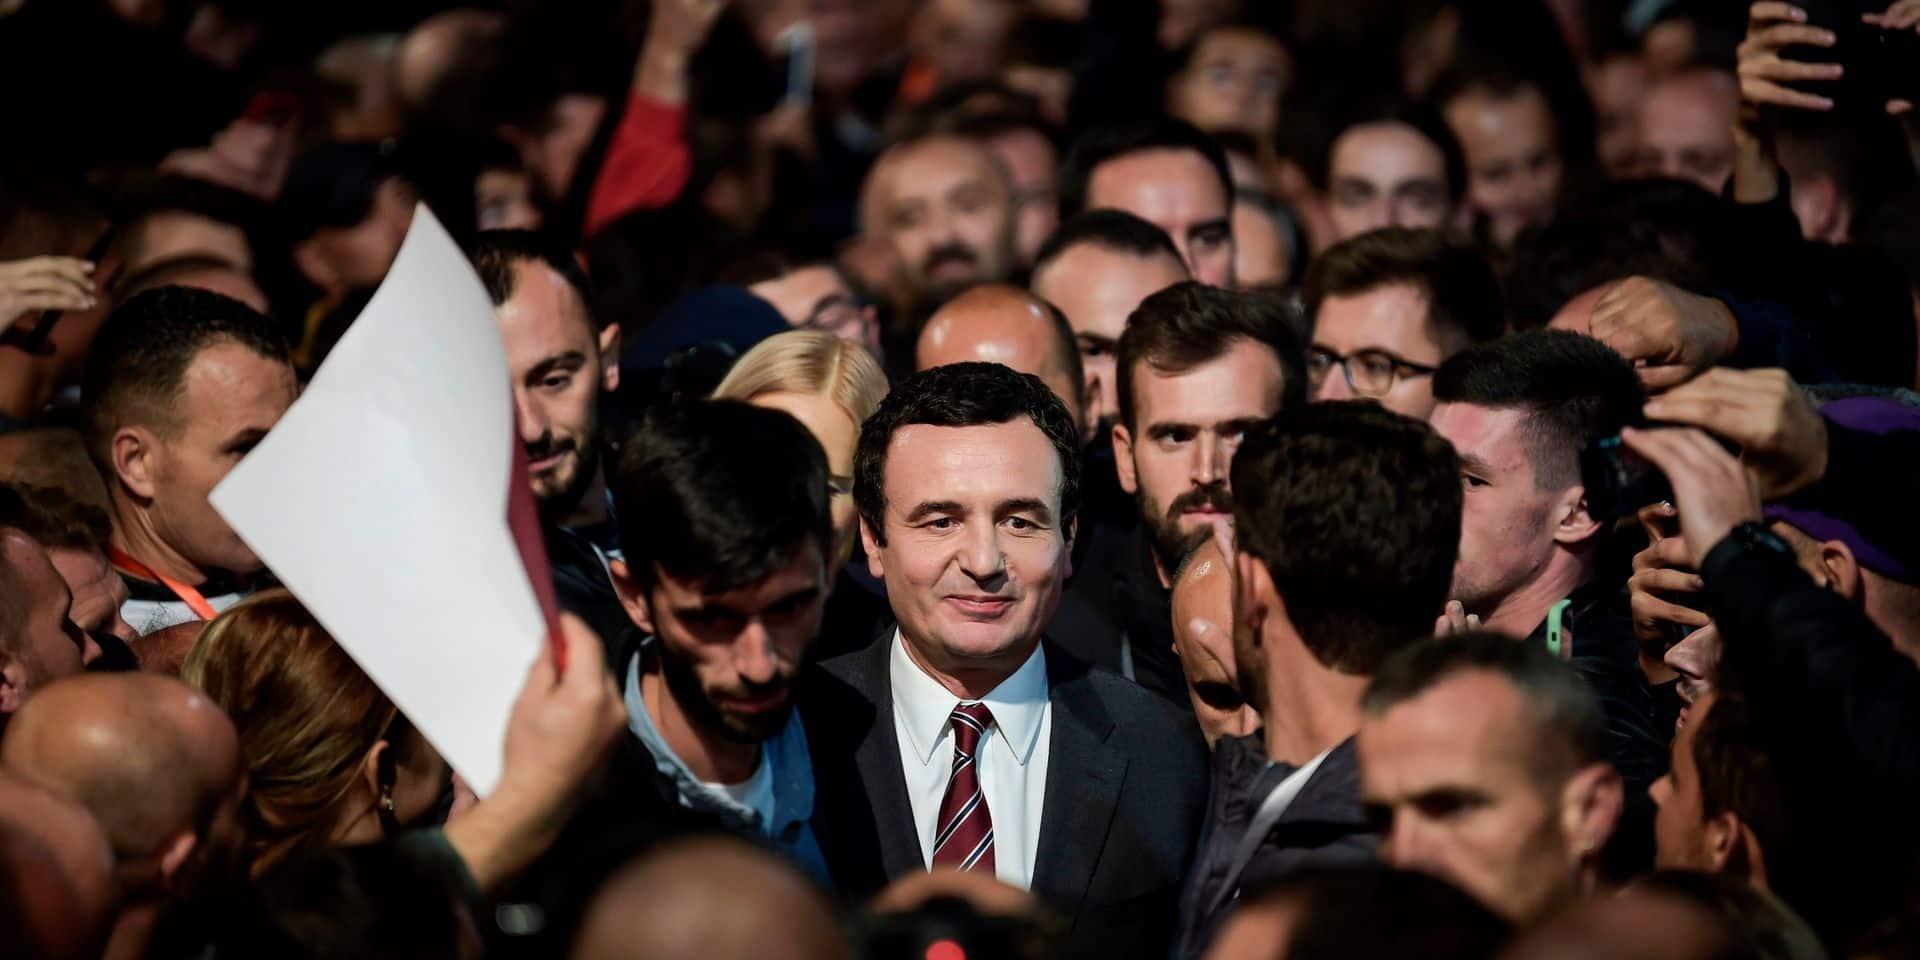 Il a goûté aux geôles de Milosevic, a prôné l'émeute contre la tutelle serbe... Qui est Albin Kurti, le nouvel homme fort du Kosovo ?